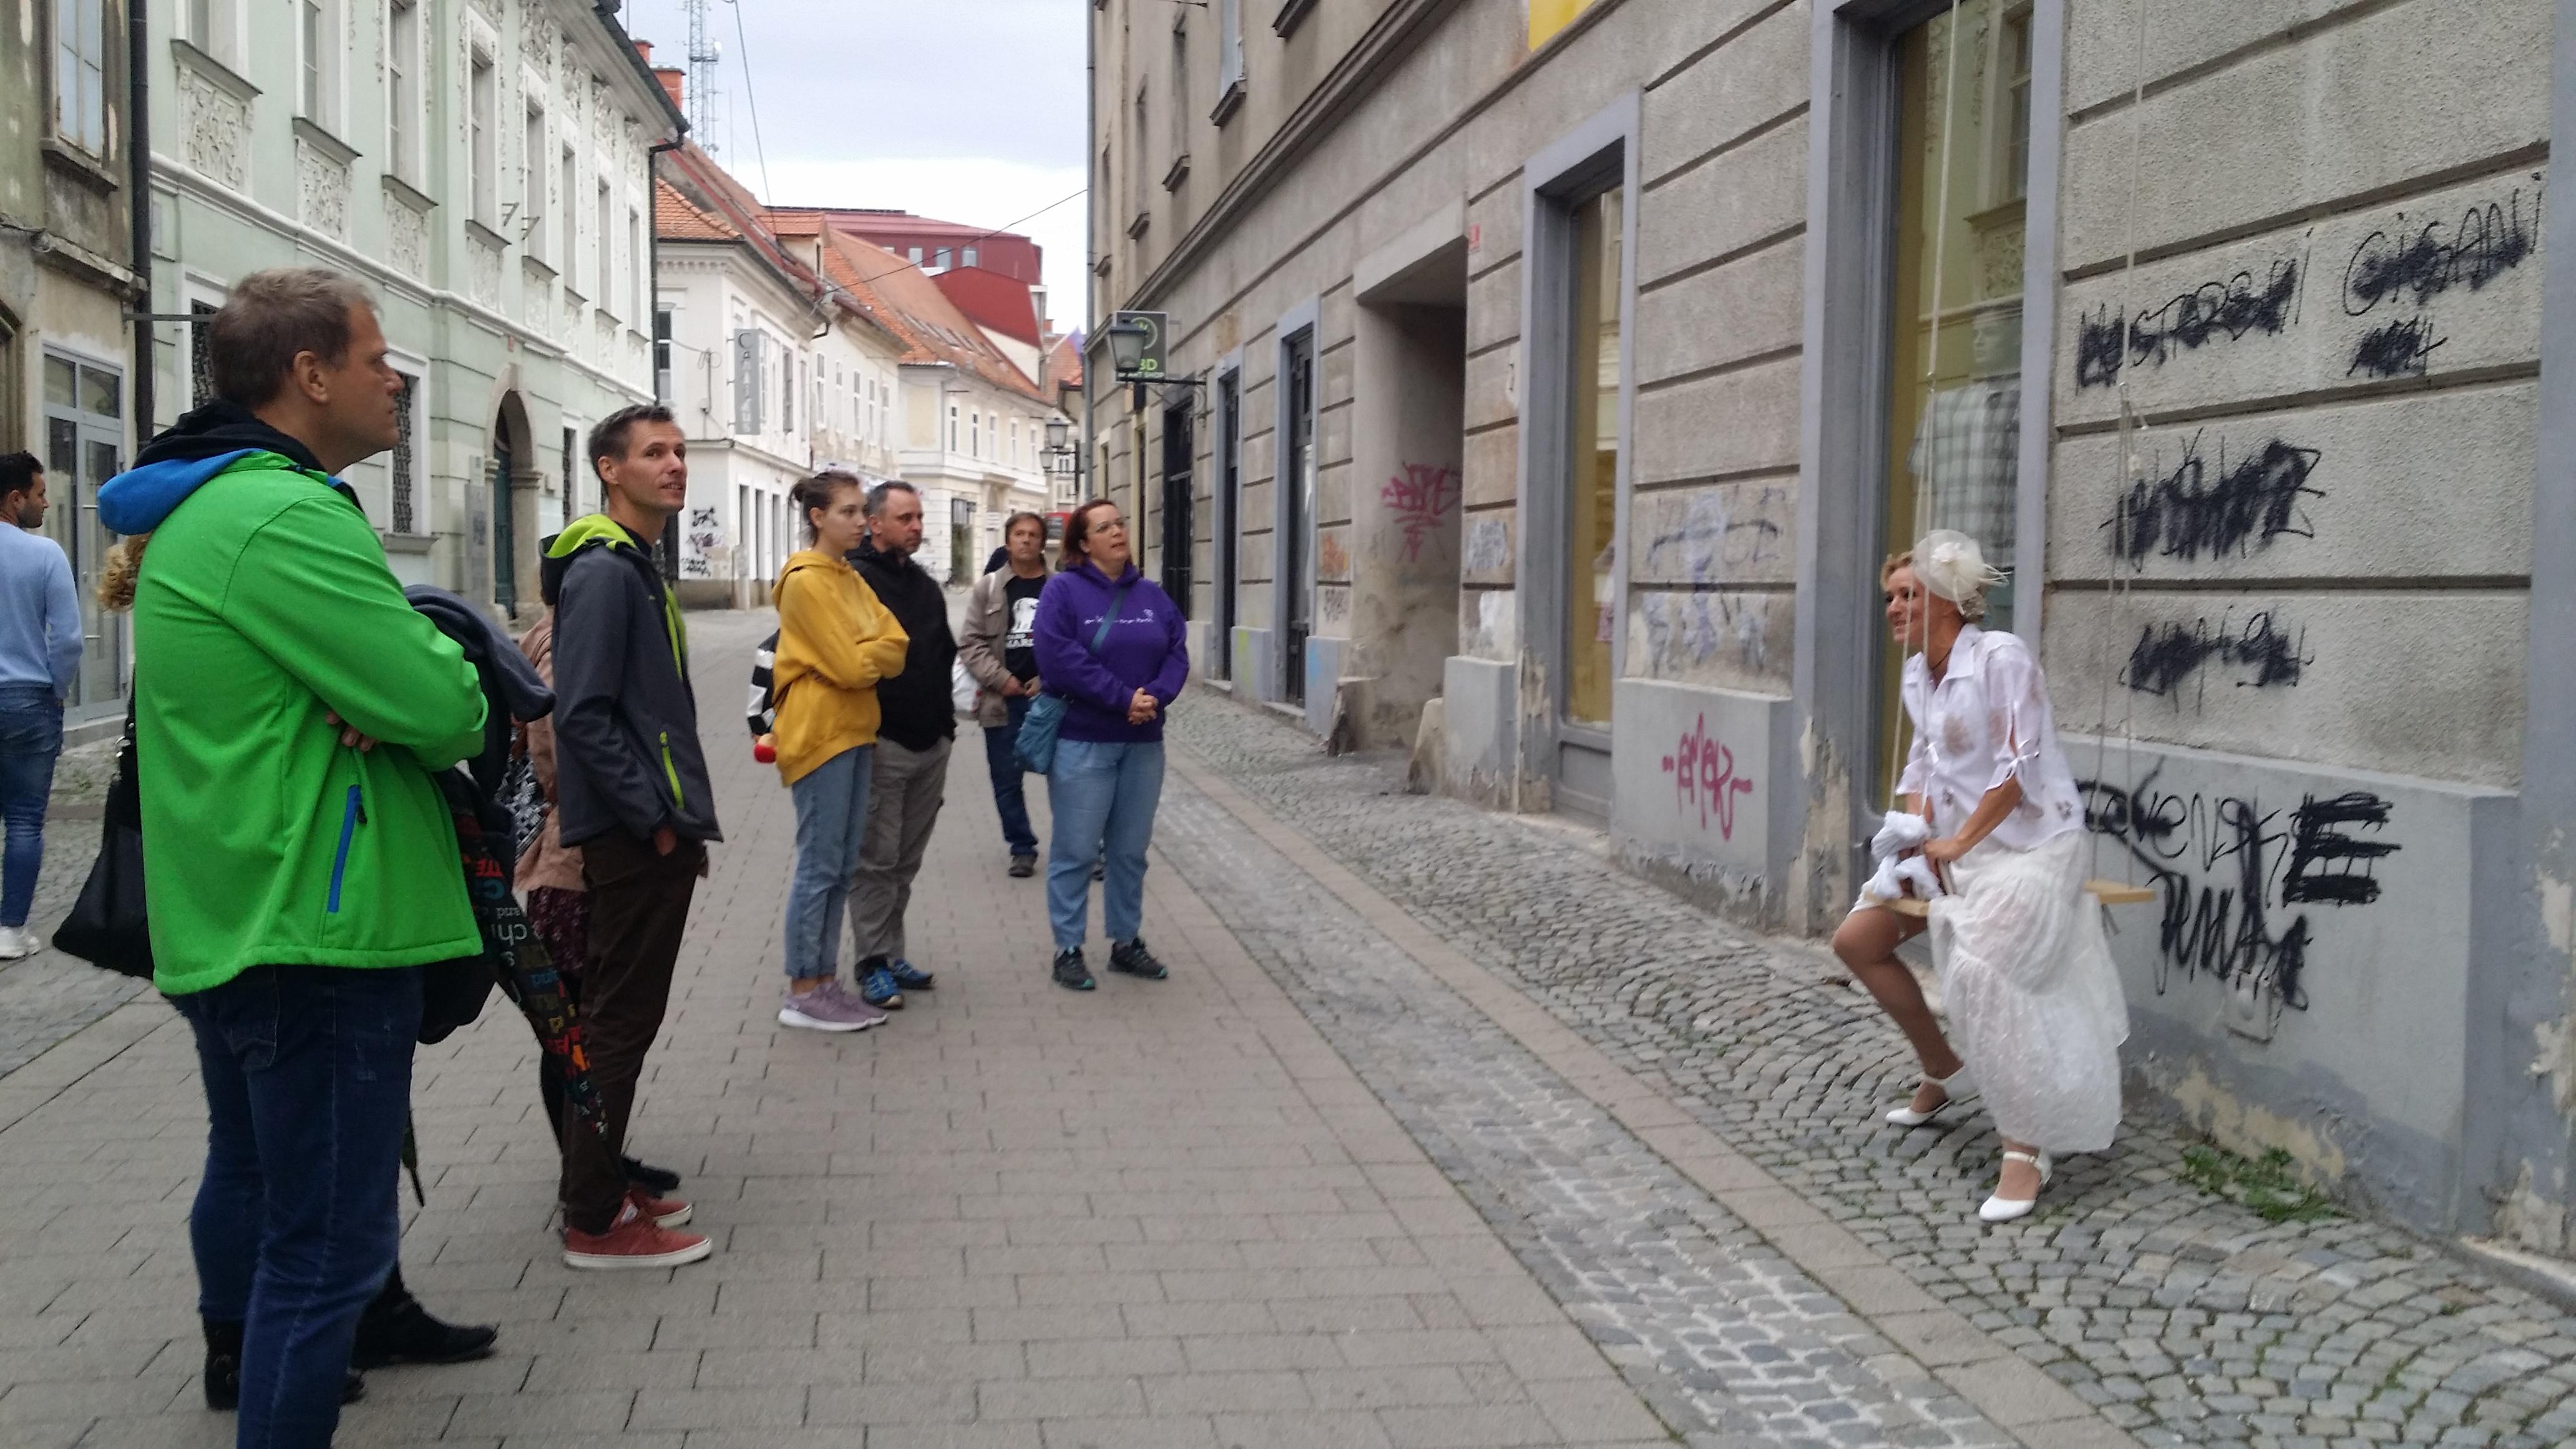 Tematsko, interpretativno vodenje ali ulično gledališče (o metodologiji vodenja)